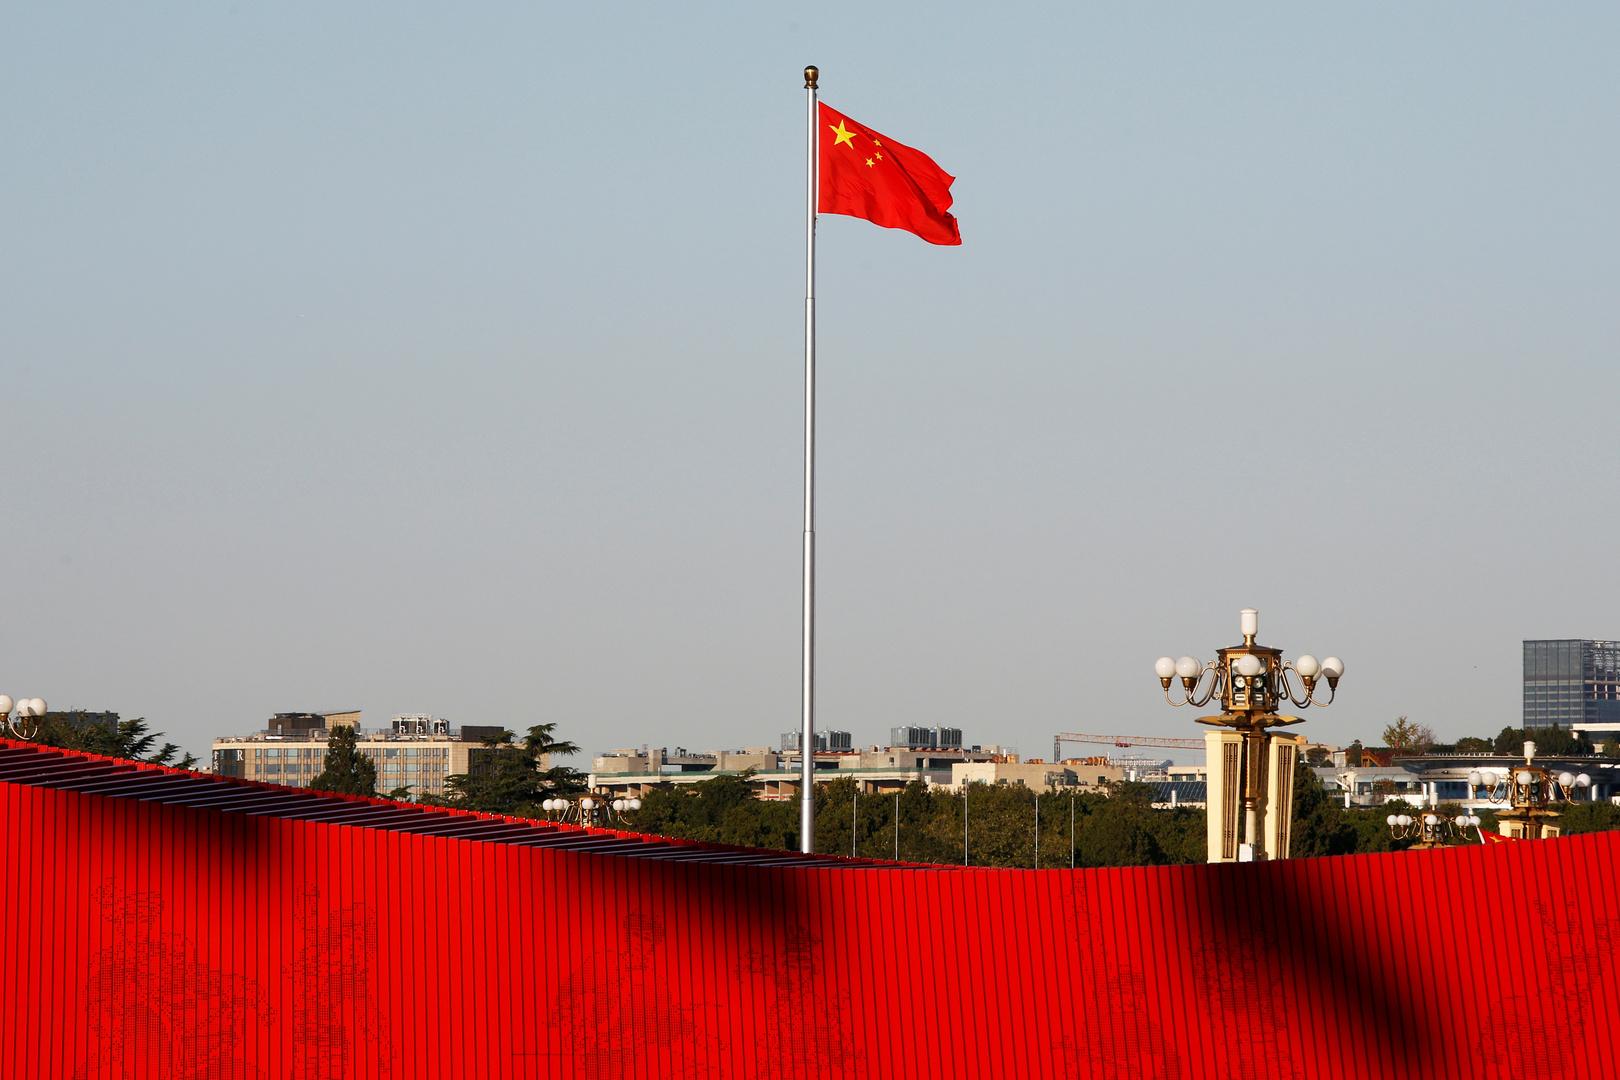 بكين: تجارب واشنطن الباليستية تؤكد تخطيطها مسبقا للانسحاب من معاهدة الصواريخ